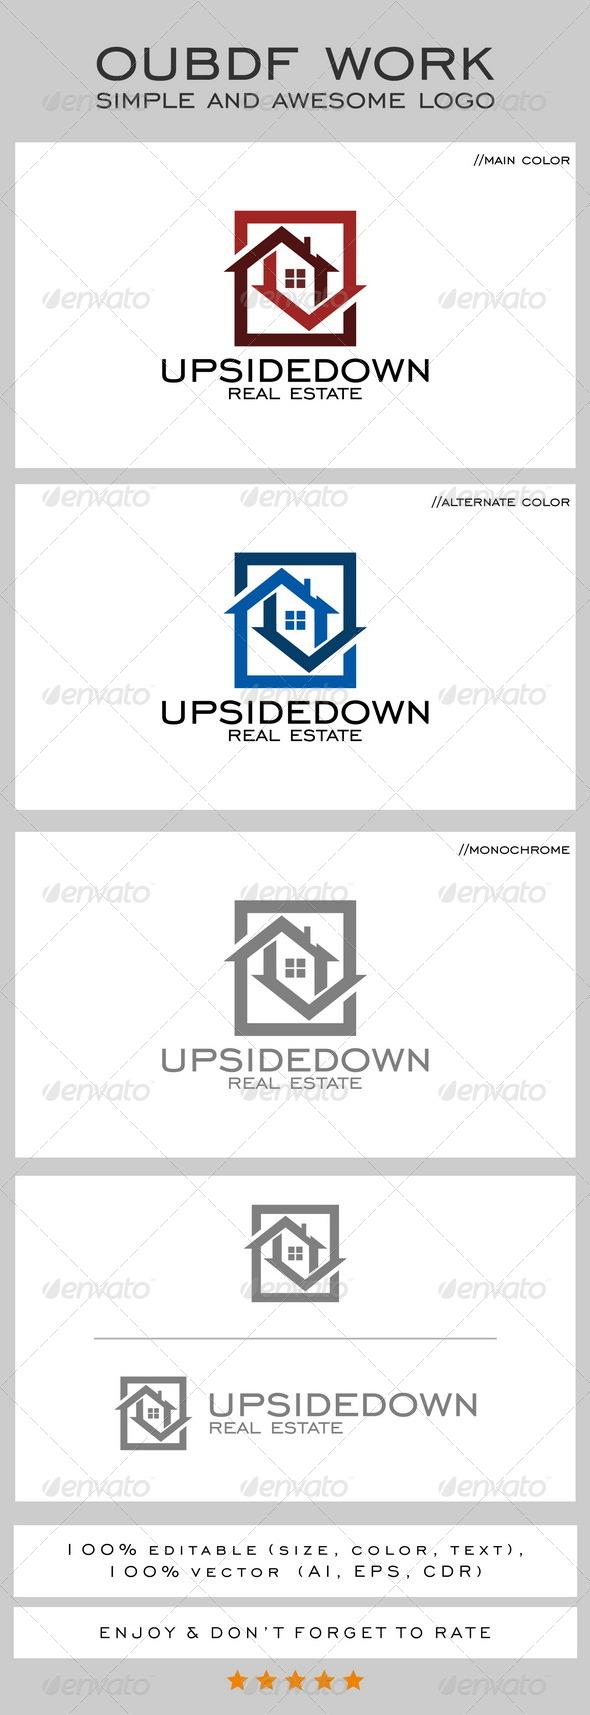 Upsidedown Real Estate Logo